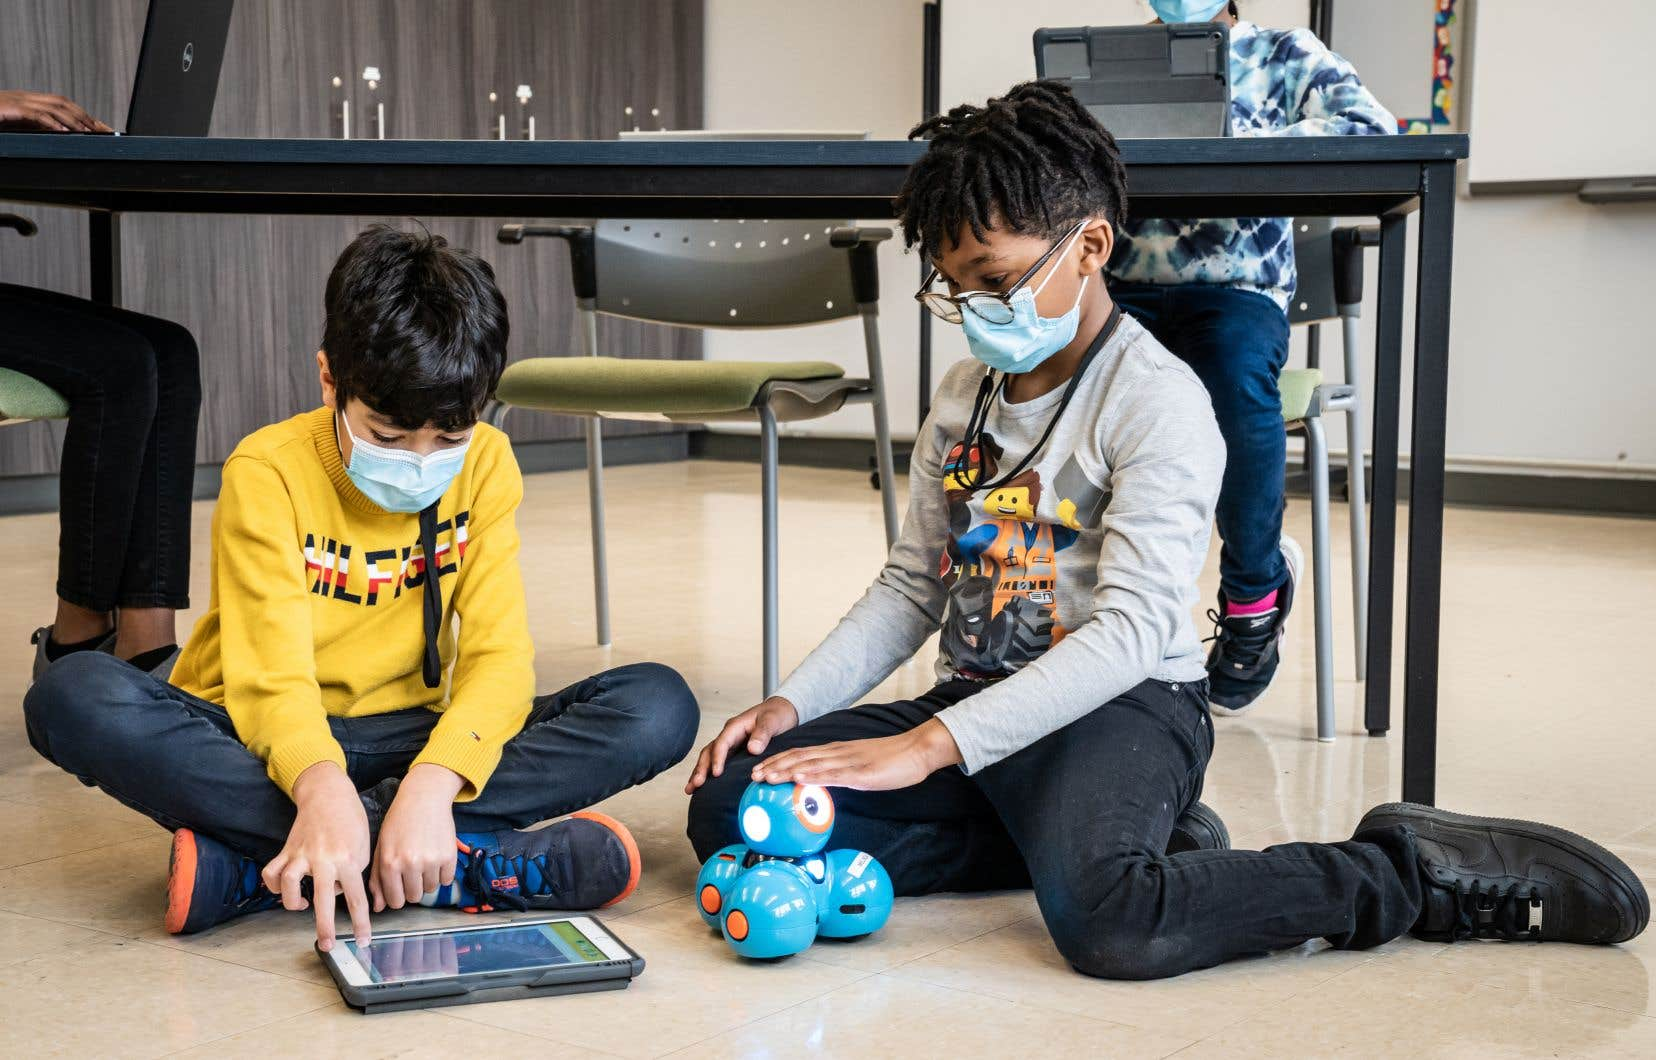 Grâce à une bourse de Best Buy Canada, l'établissement a pu acheter des tablettes et ordinateurs portables pour son tout nouveau local technopédagogique.